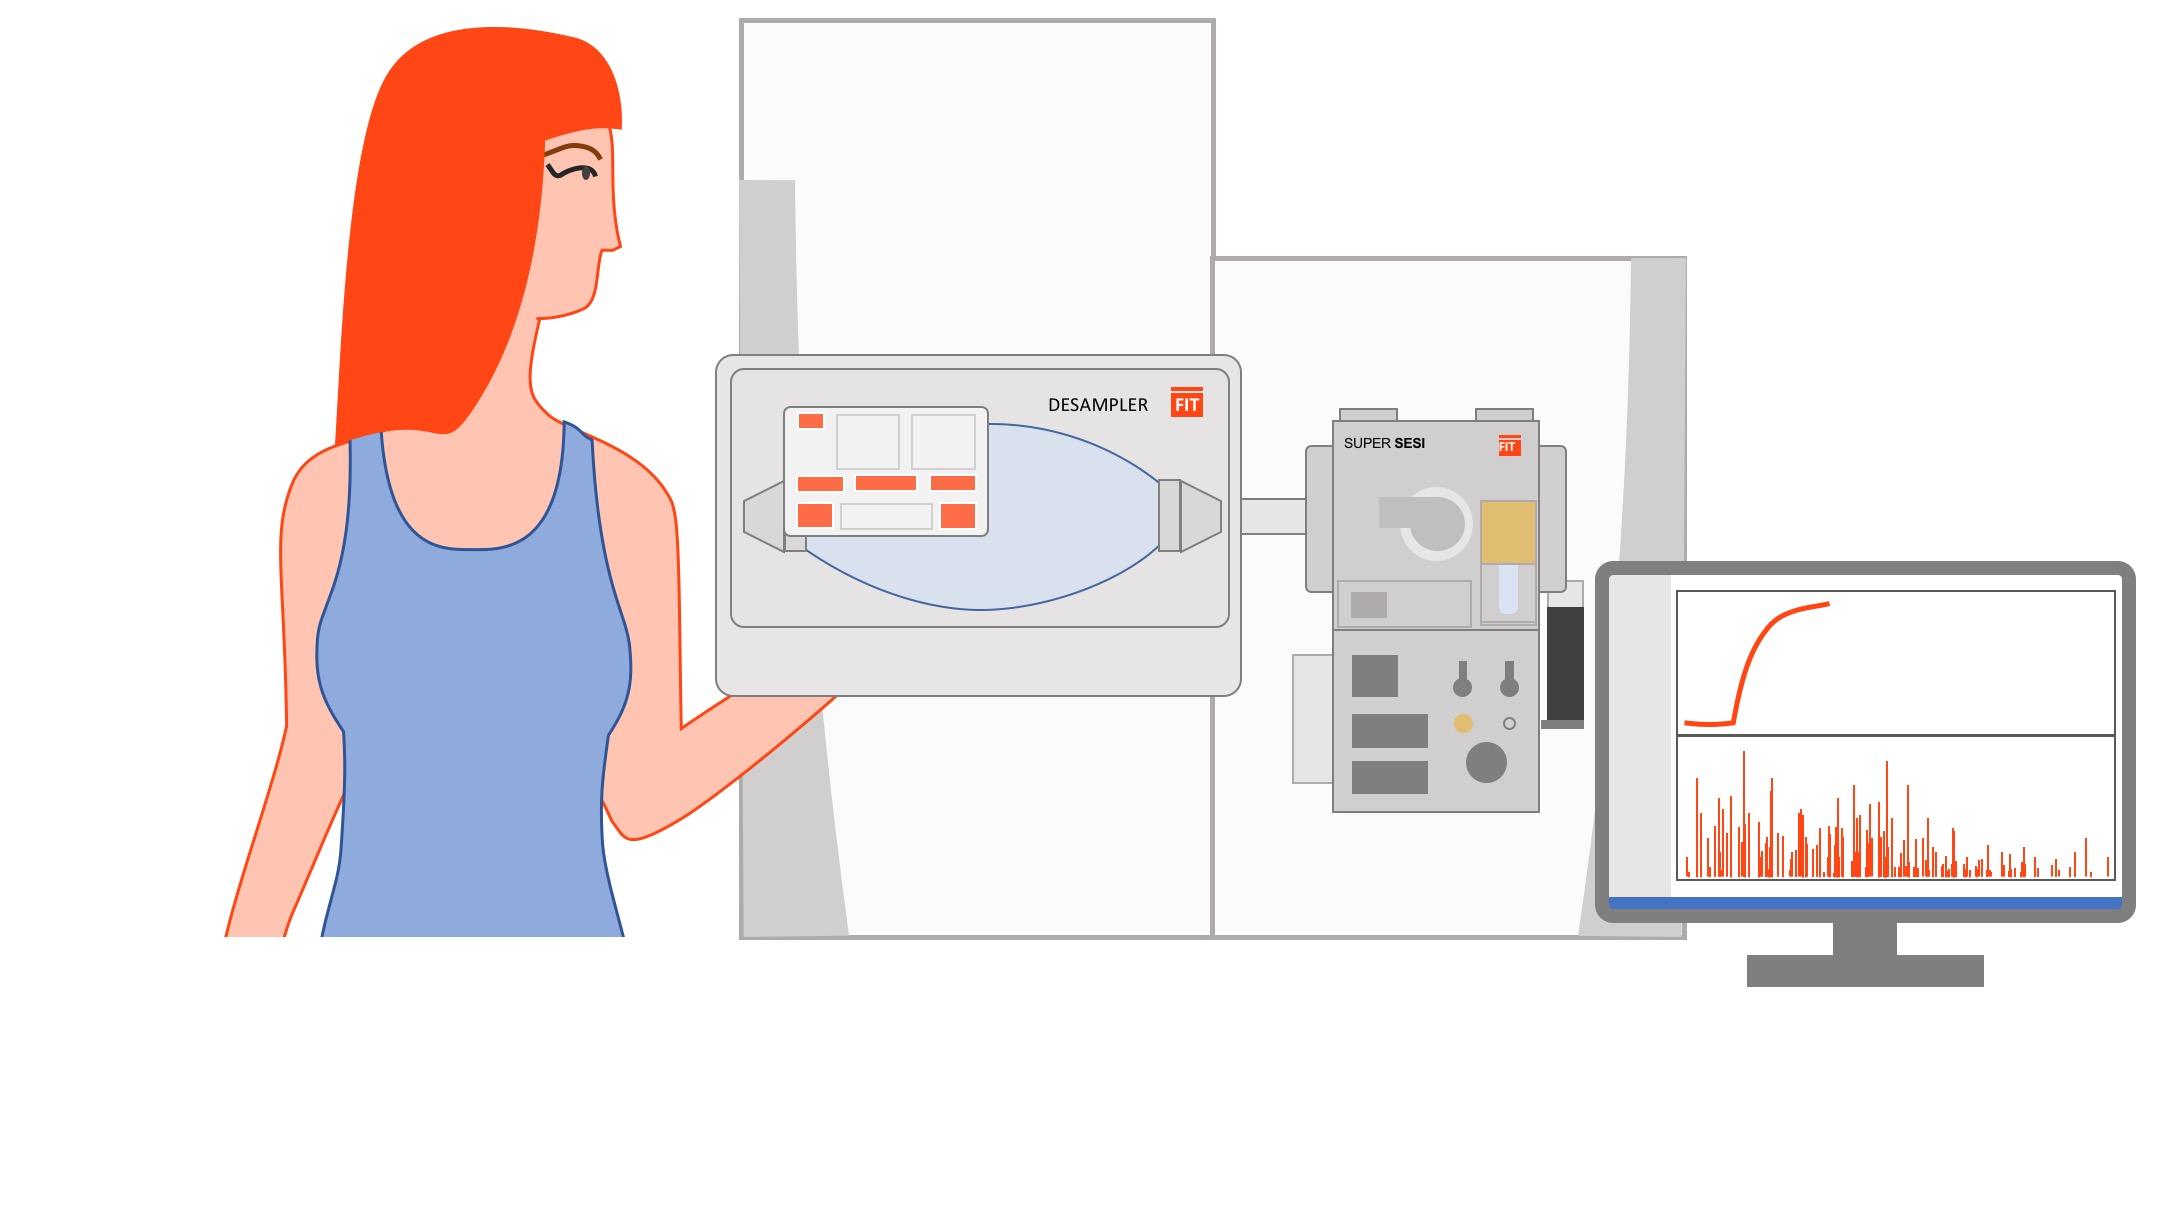 Infografia desampler 3.jpg